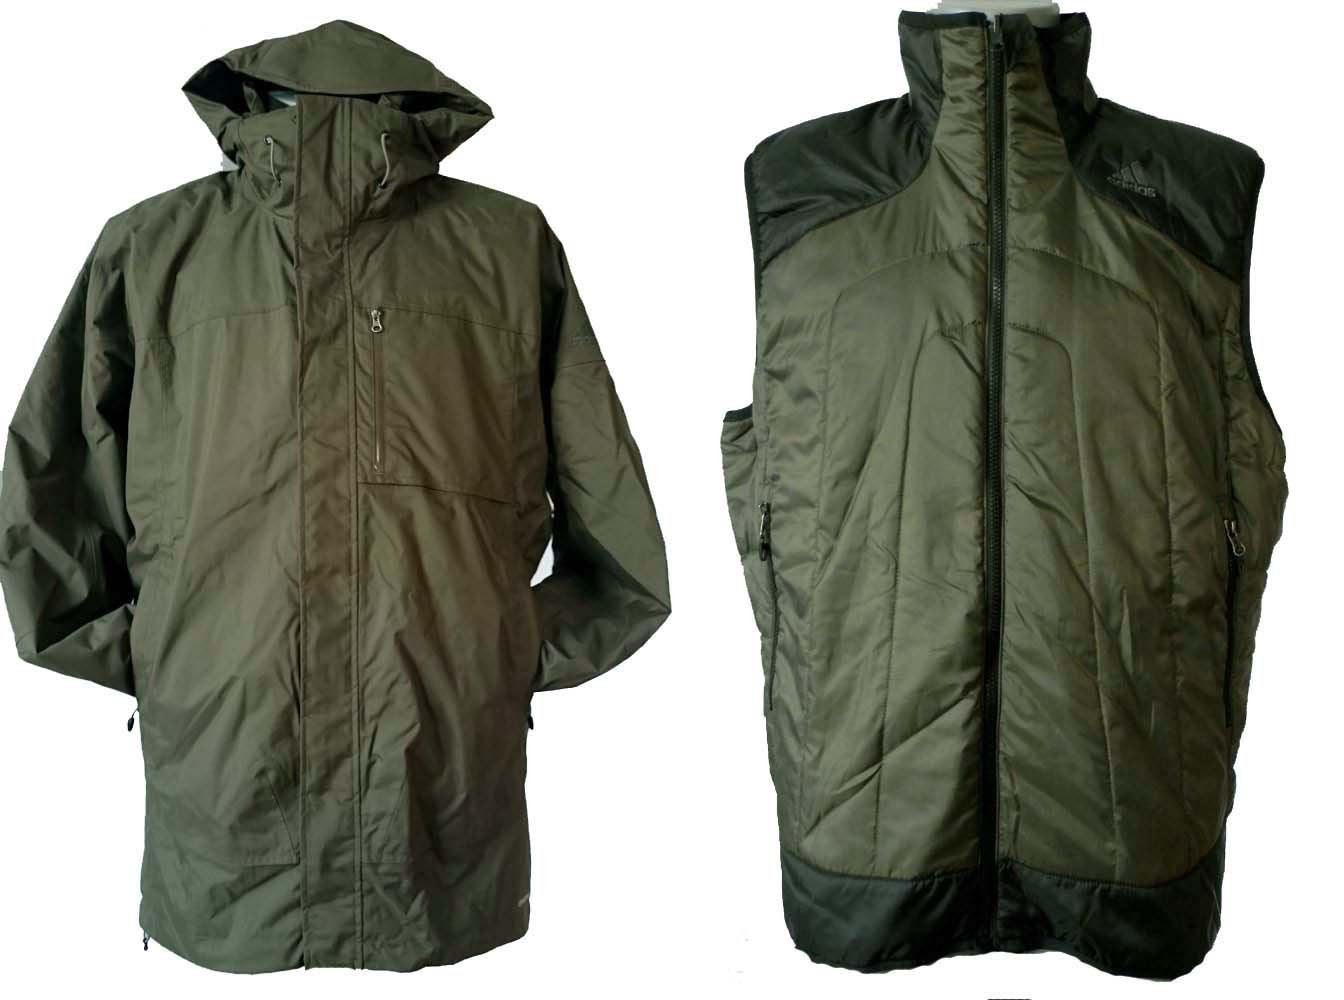 Adidas Hiking Zappan Herren Winter Outdoor Jacke + Weste Neu Gr. XL / 56 günstig kaufen